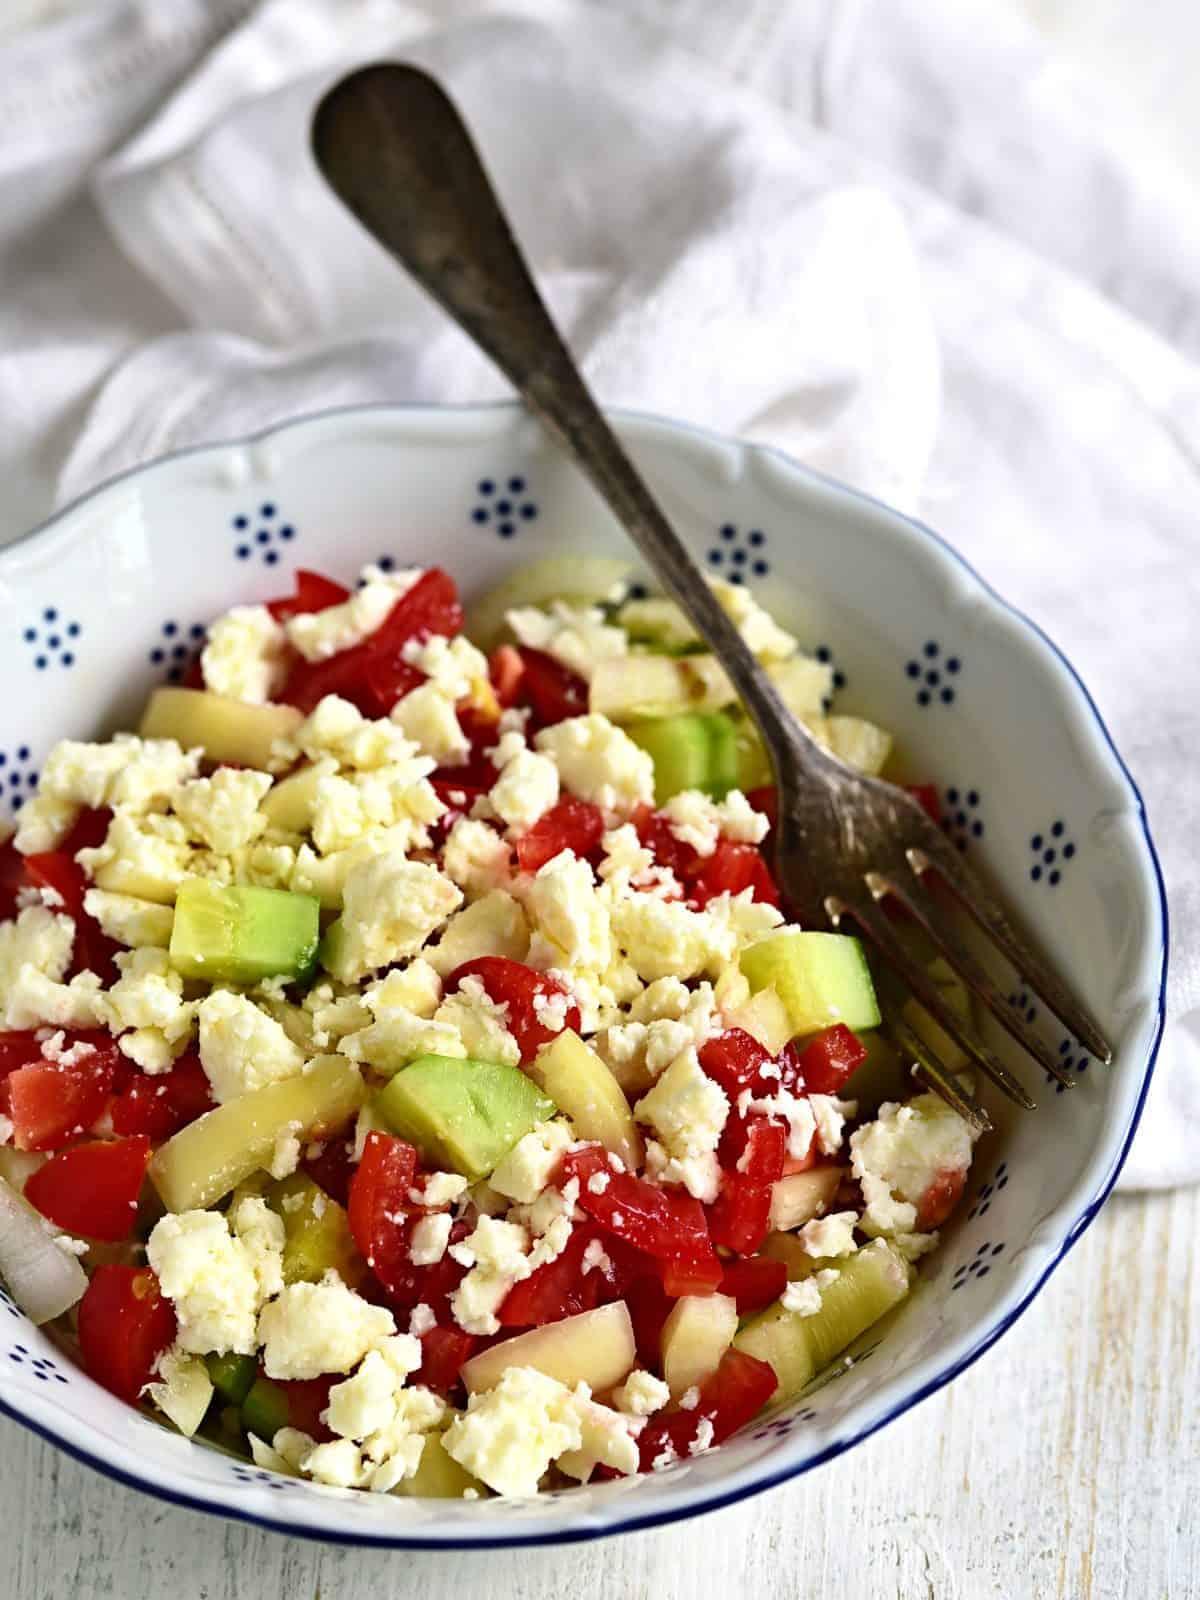 shopska salad served in a bowl